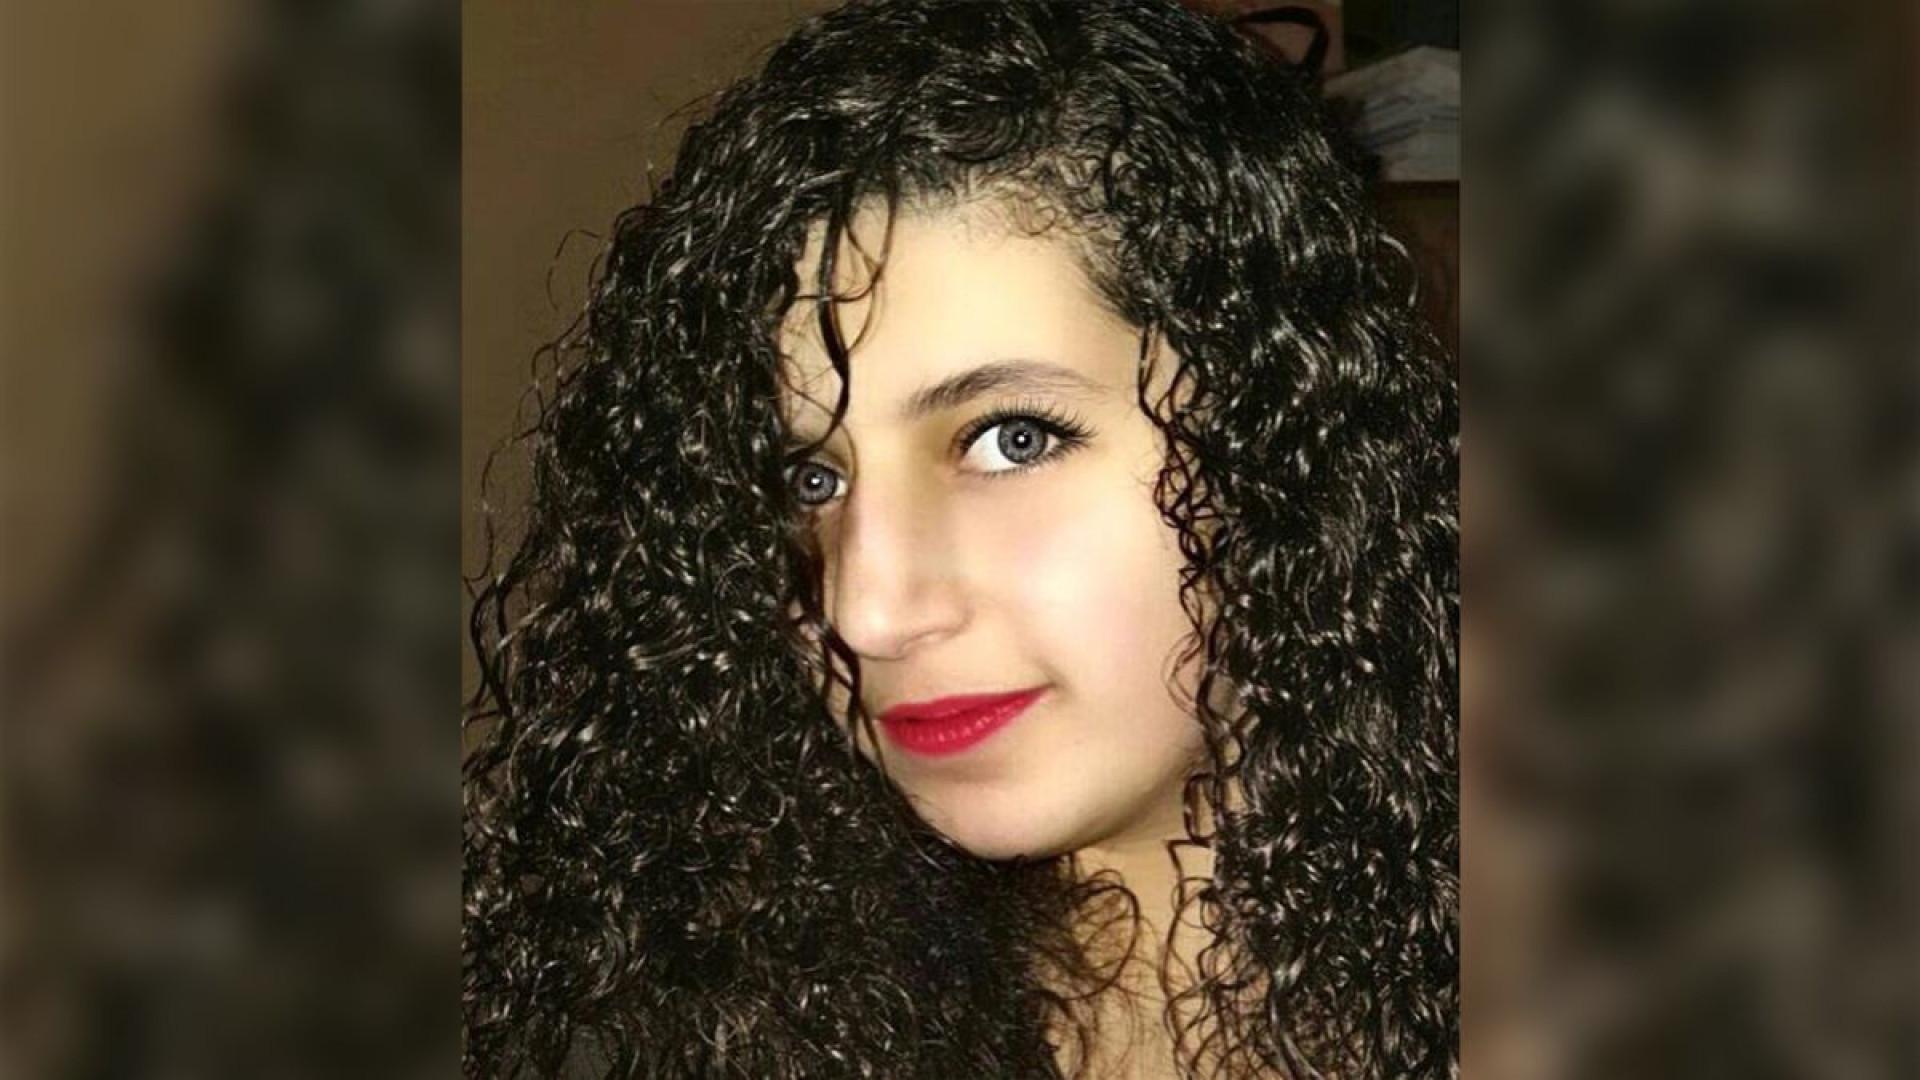 Jovem morreu agredida por grupo de mulheres no Reino Unido